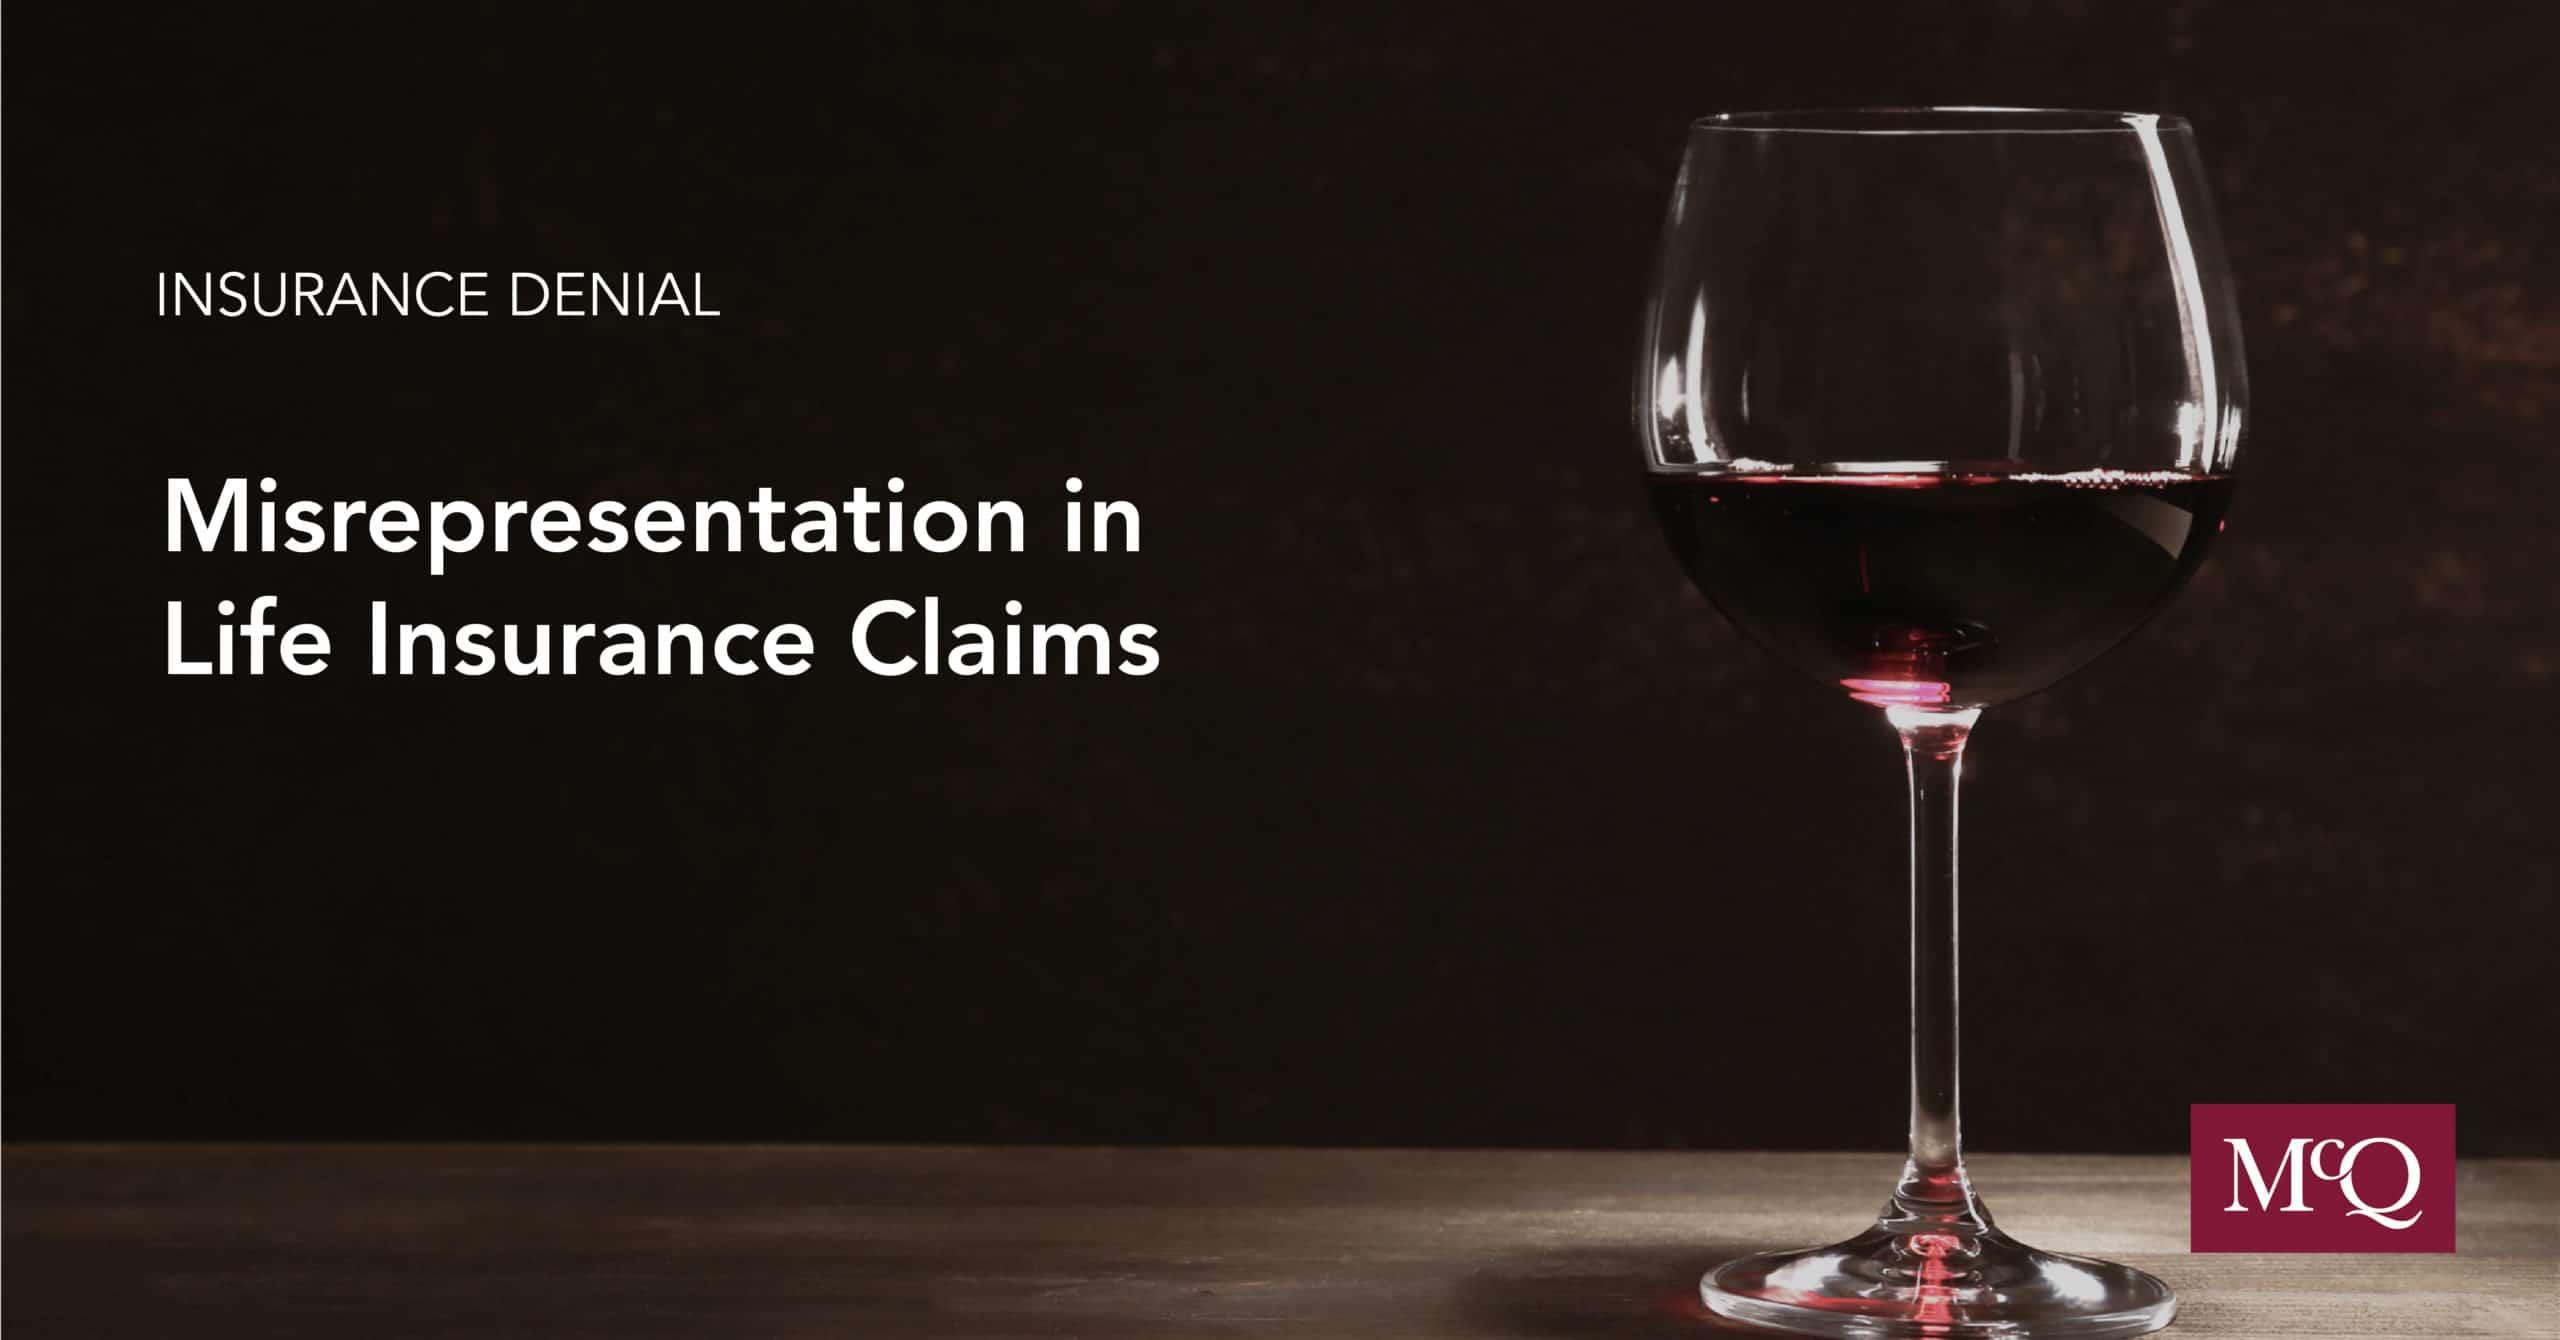 Life Insurance Denial Blog Post Blog Cover